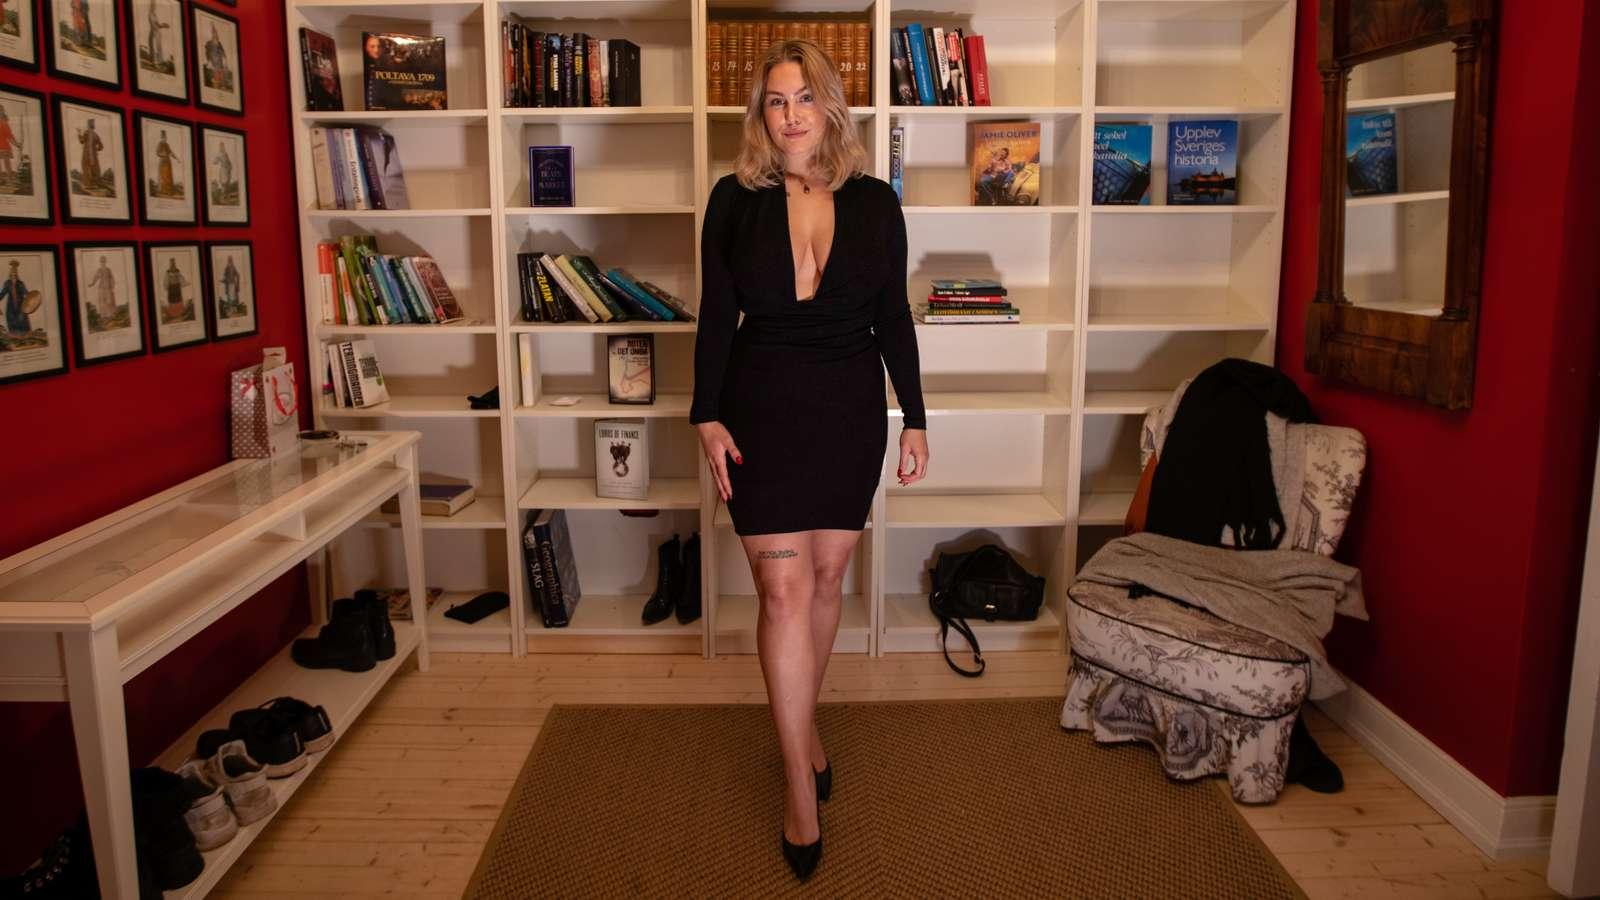 Den ene ikledd skaut, langt skjørt og høyhalset genser, og den andre i kort, svart utringet kjole. Likevel føler de seg like frie.